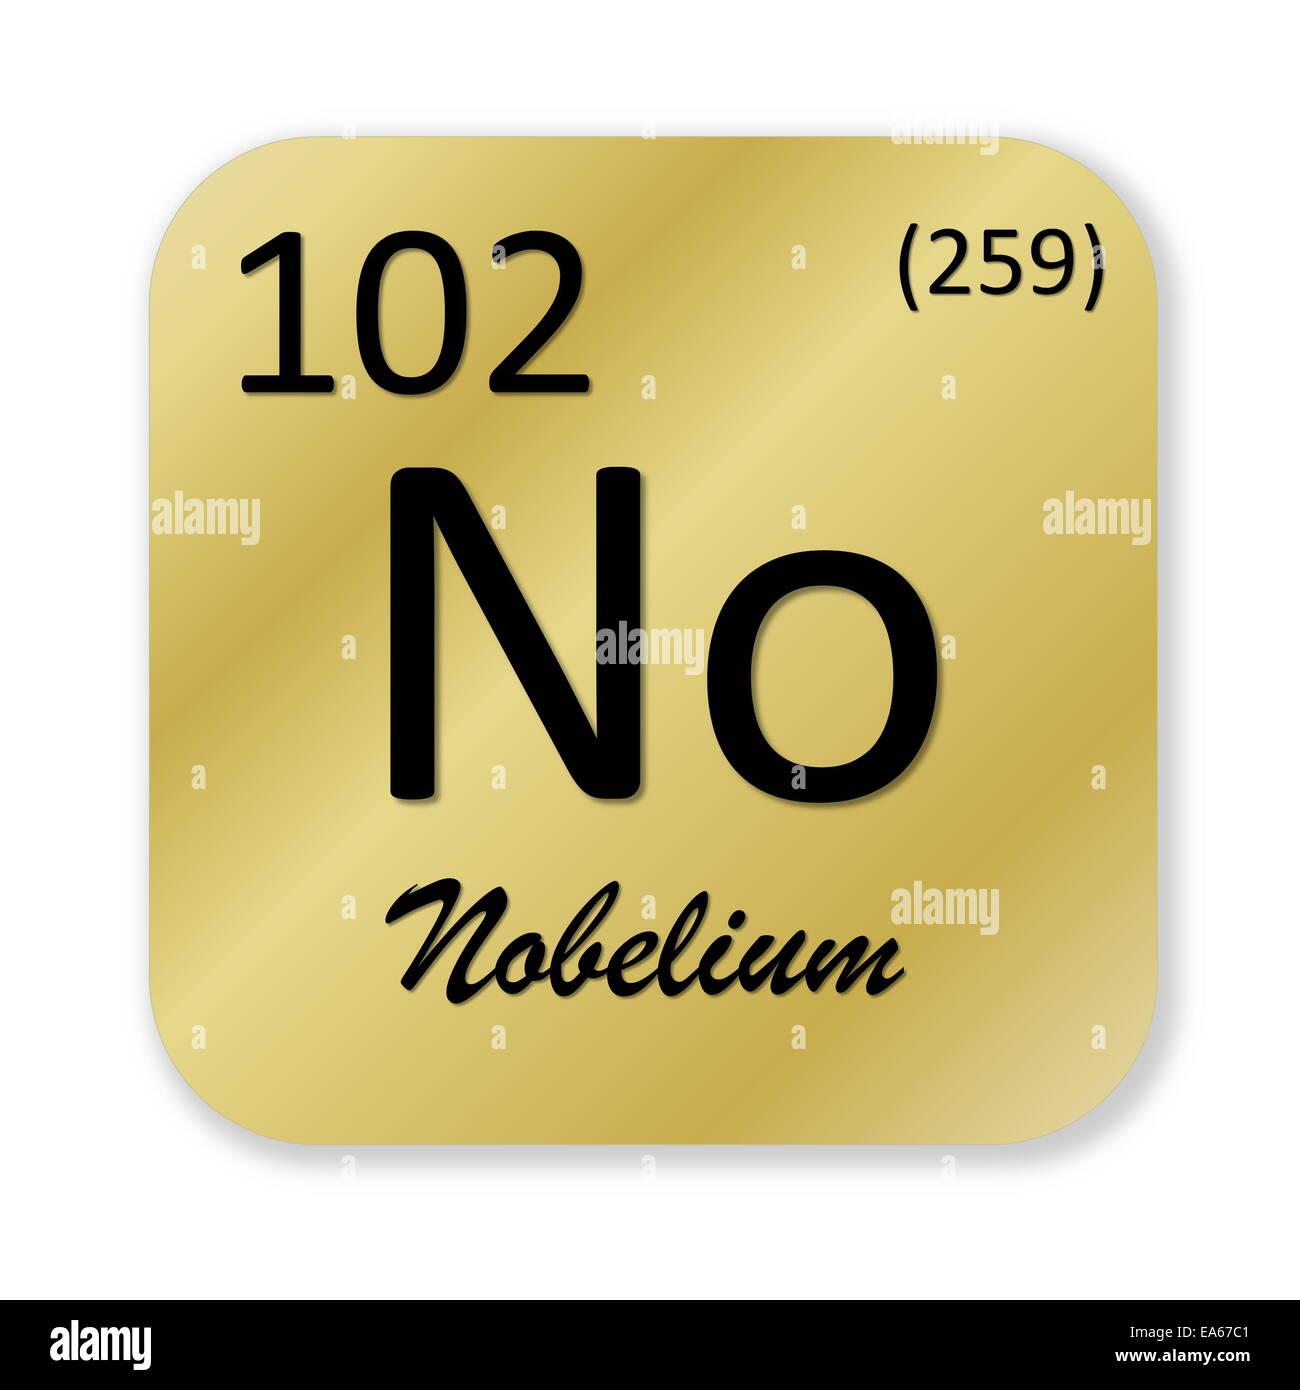 Nobelium element stock photo royalty free image 75125569 alamy nobelium element buycottarizona